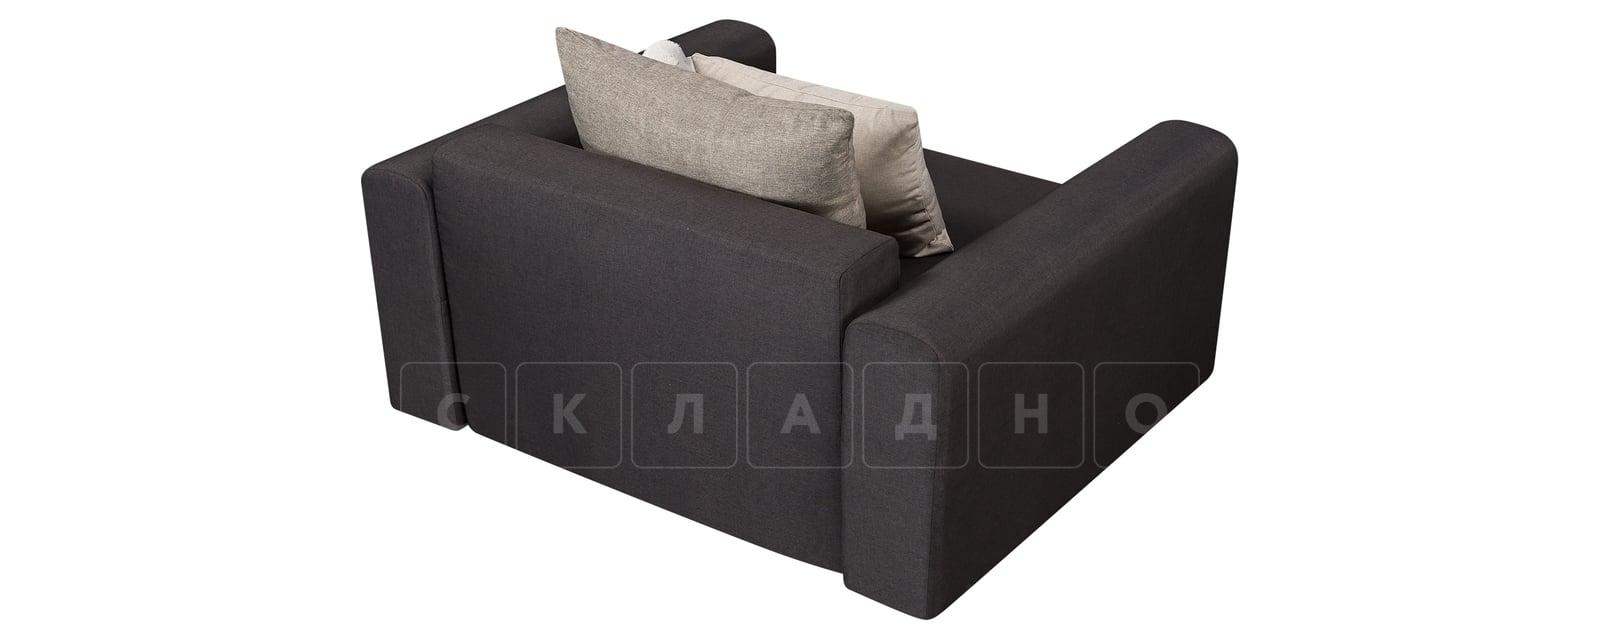 Кресло Медисон 100 см темно-серого цвета фото 3 | интернет-магазин Складно